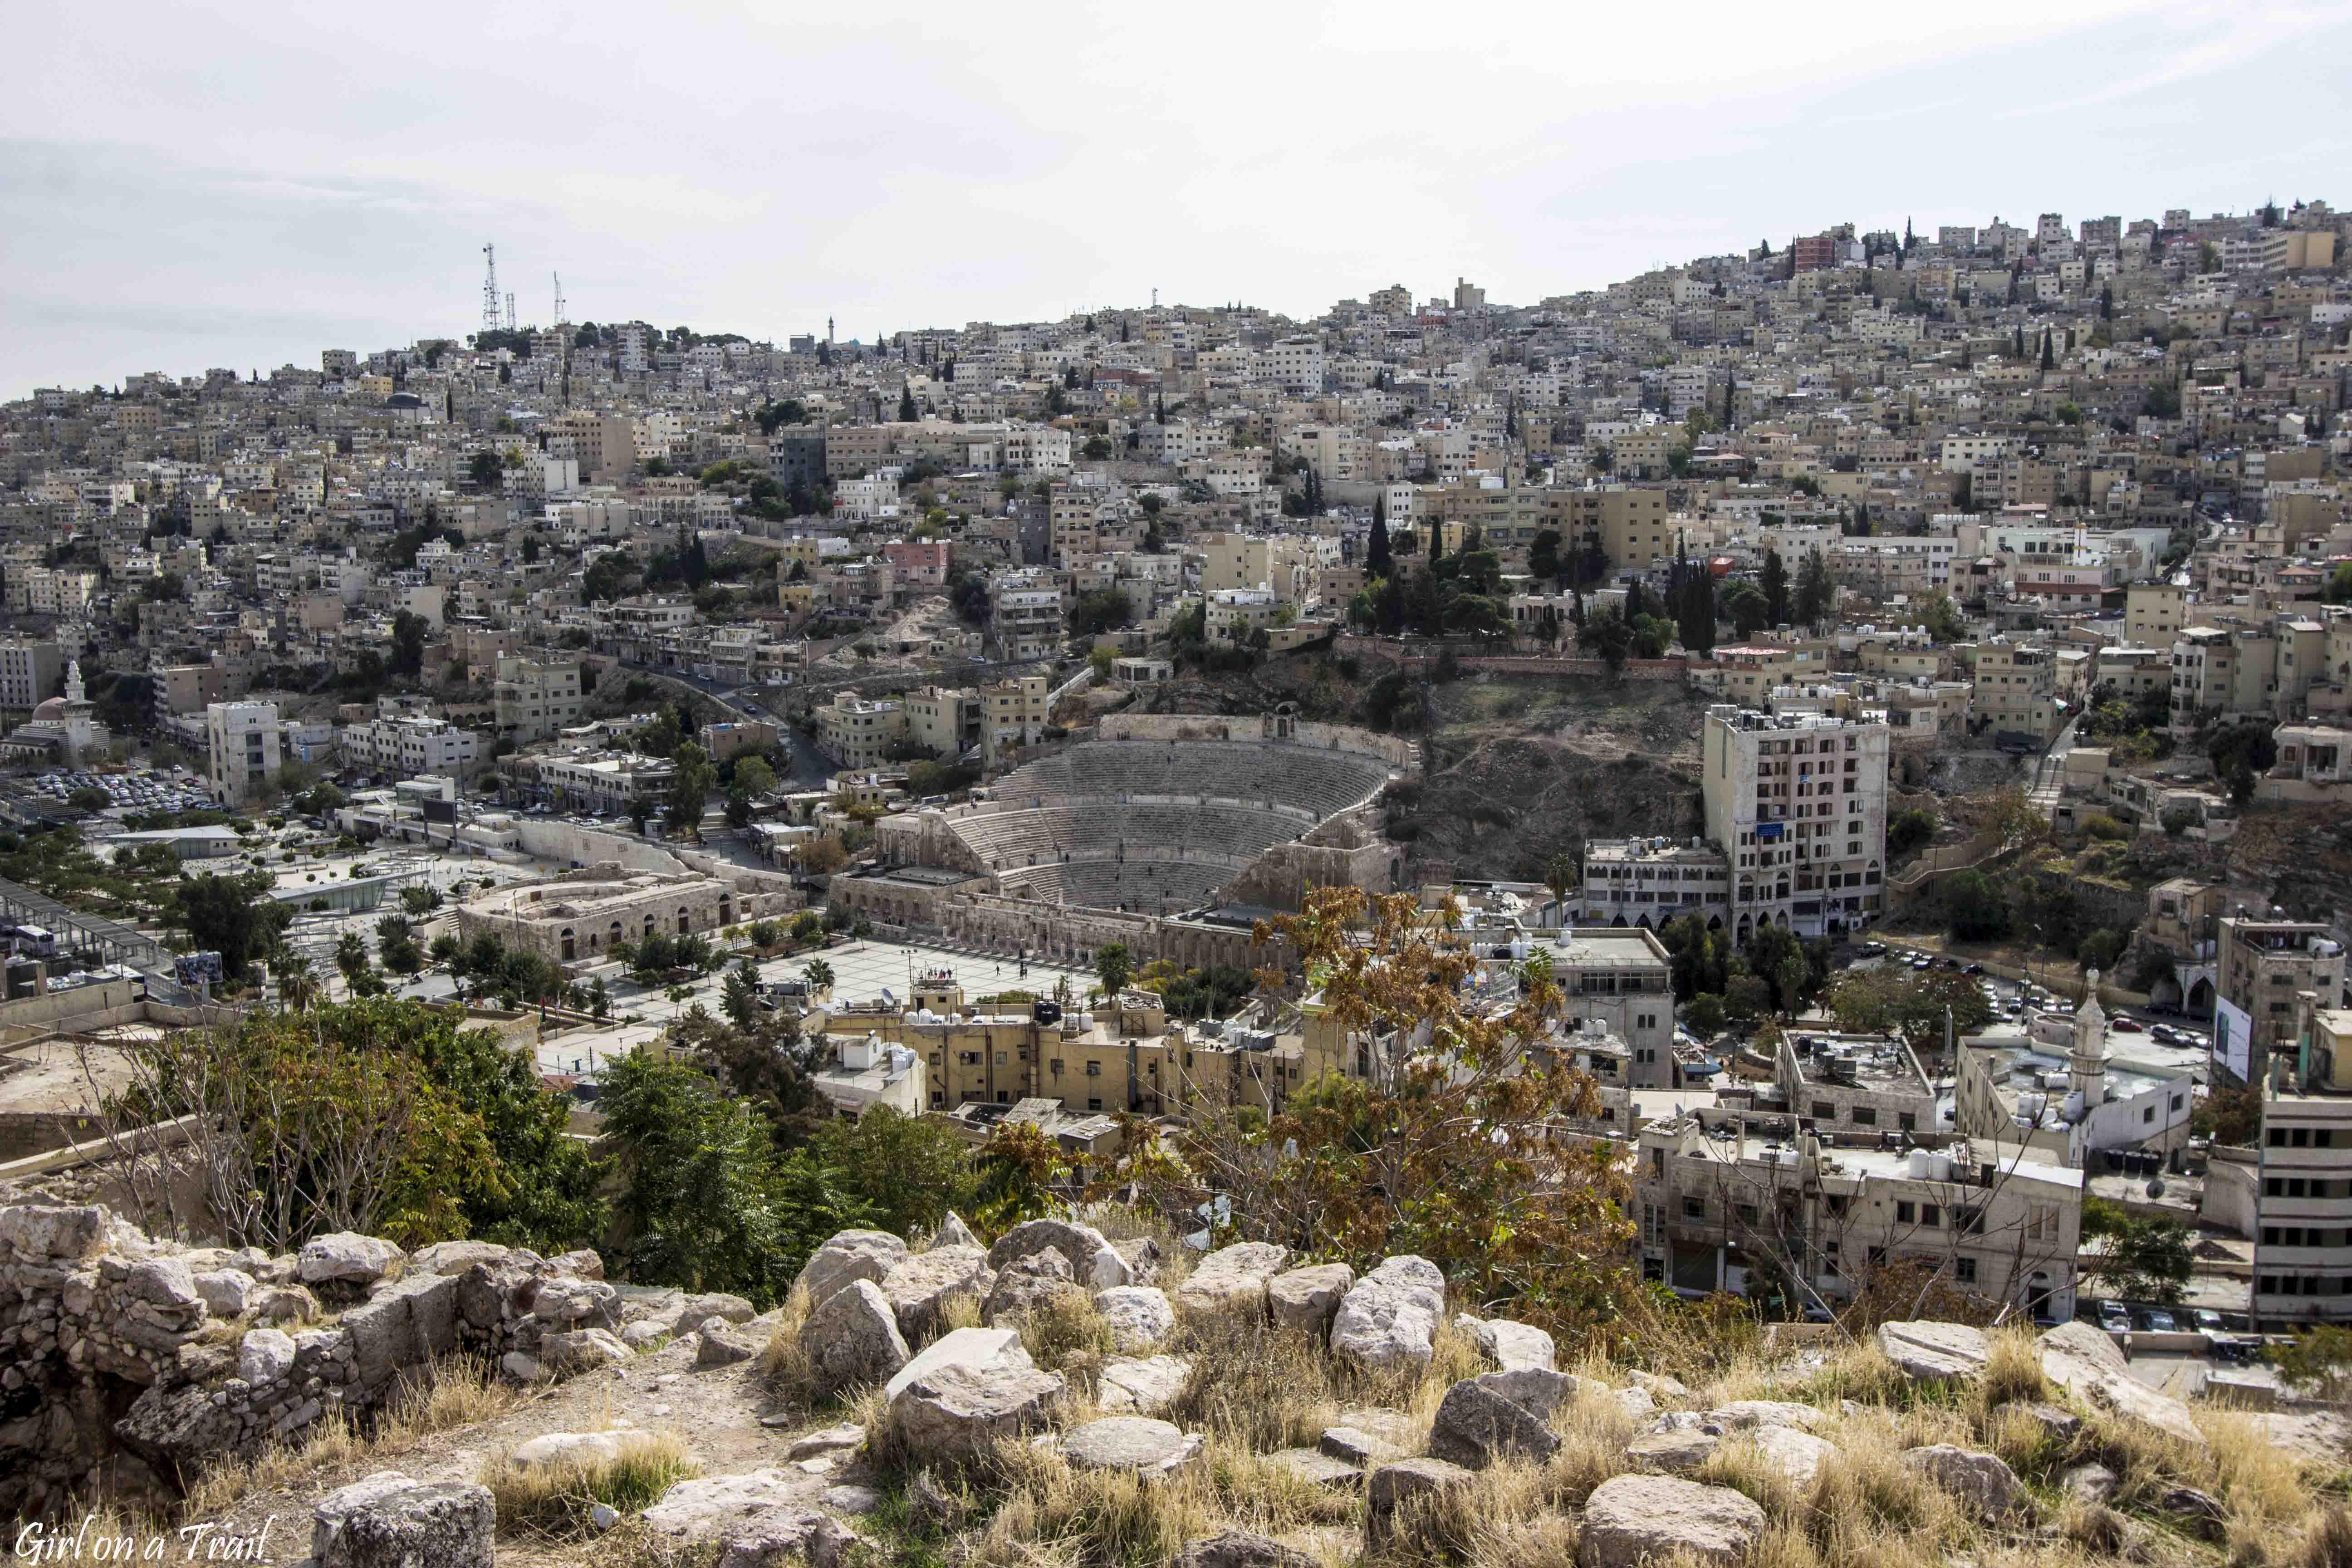 Jordania - Amman